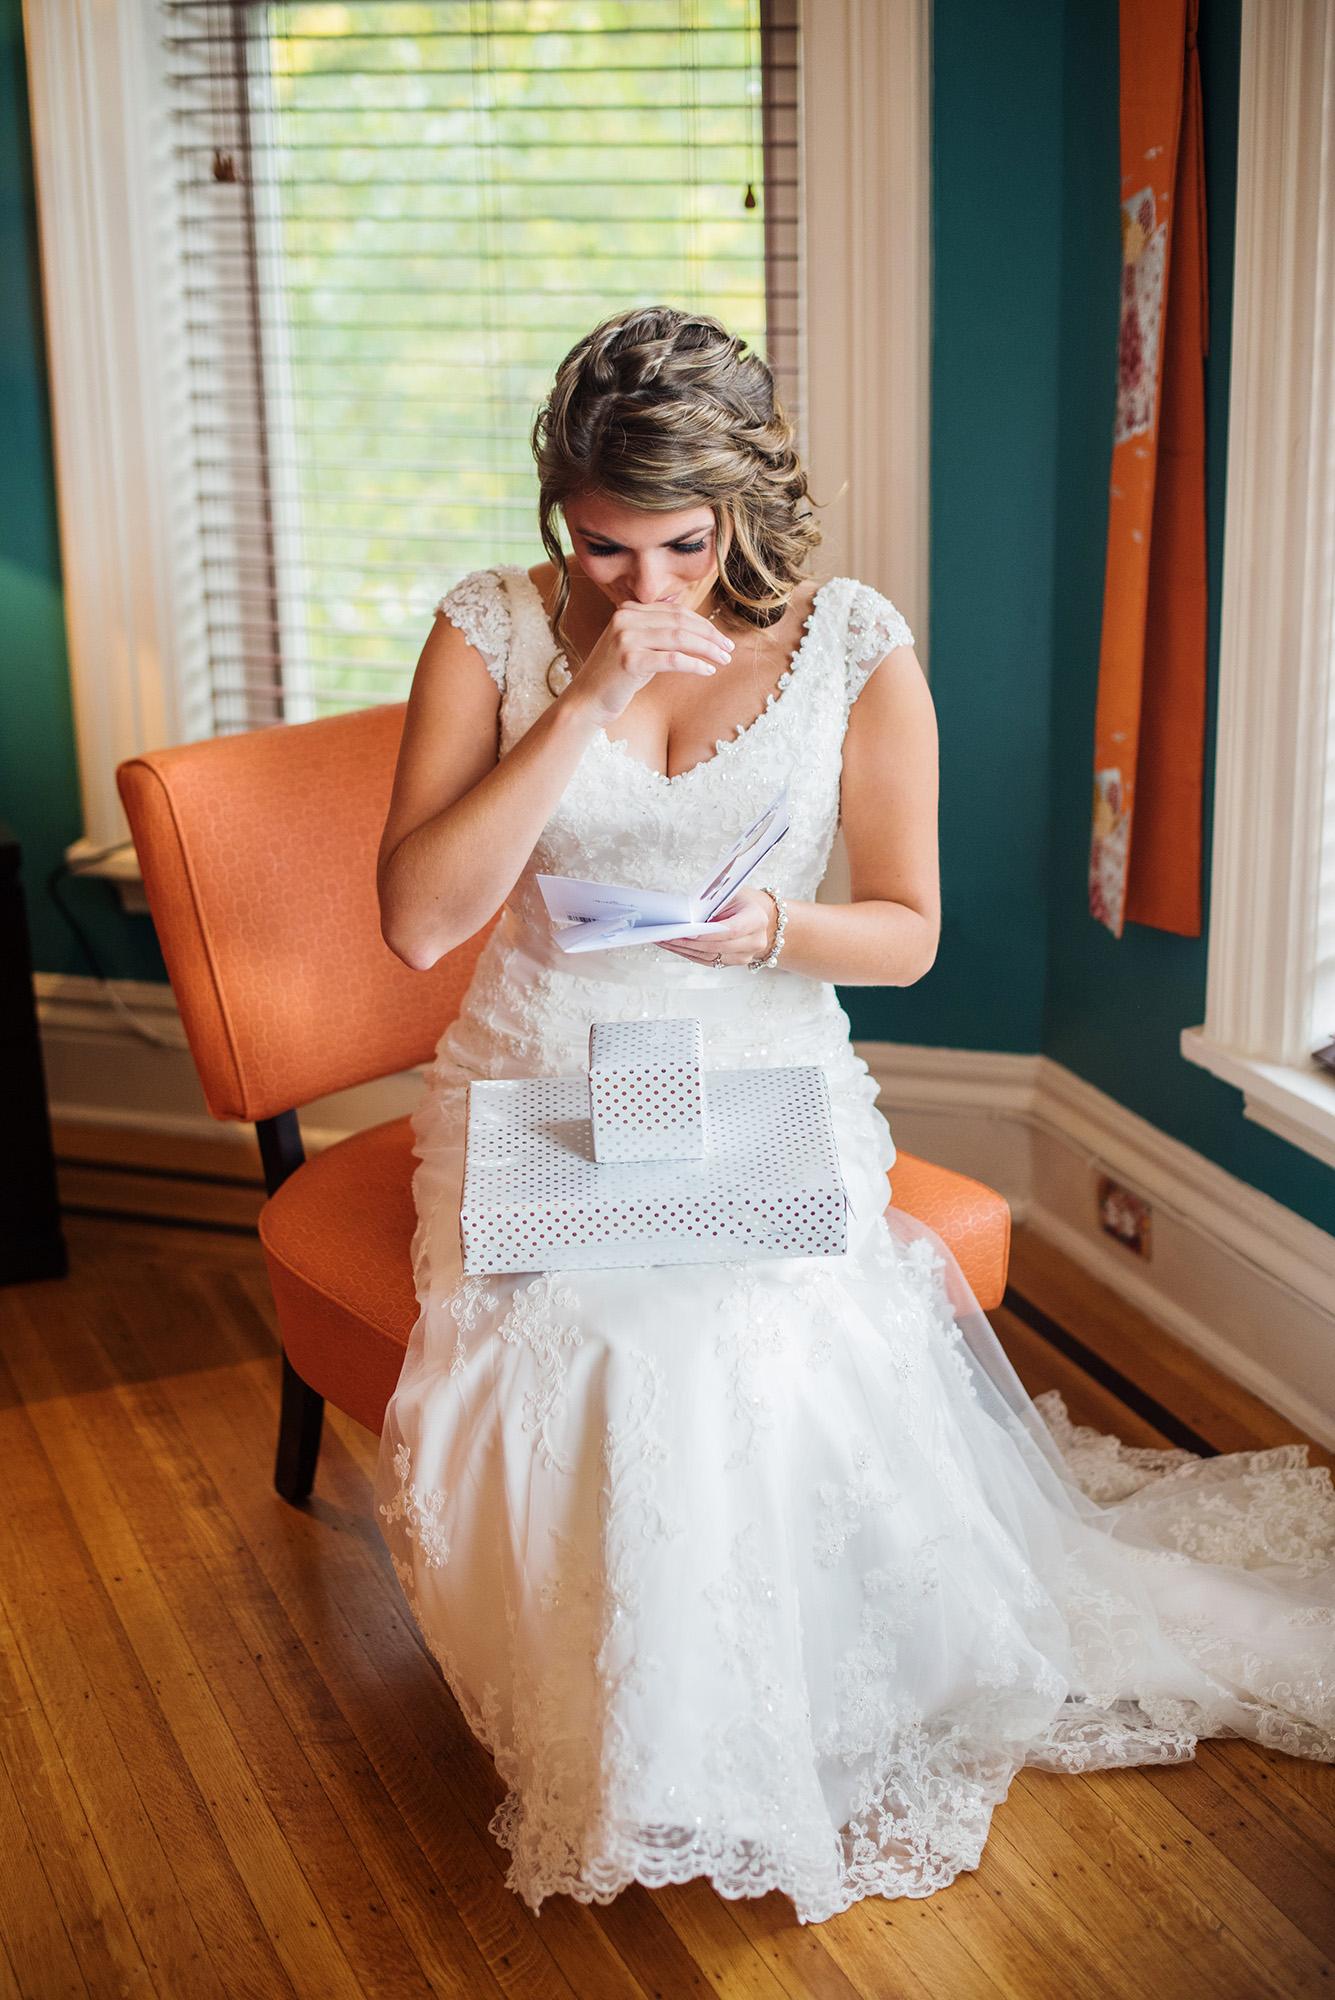 Chris Emma got married-Emma Getting Ready-0104.jpg